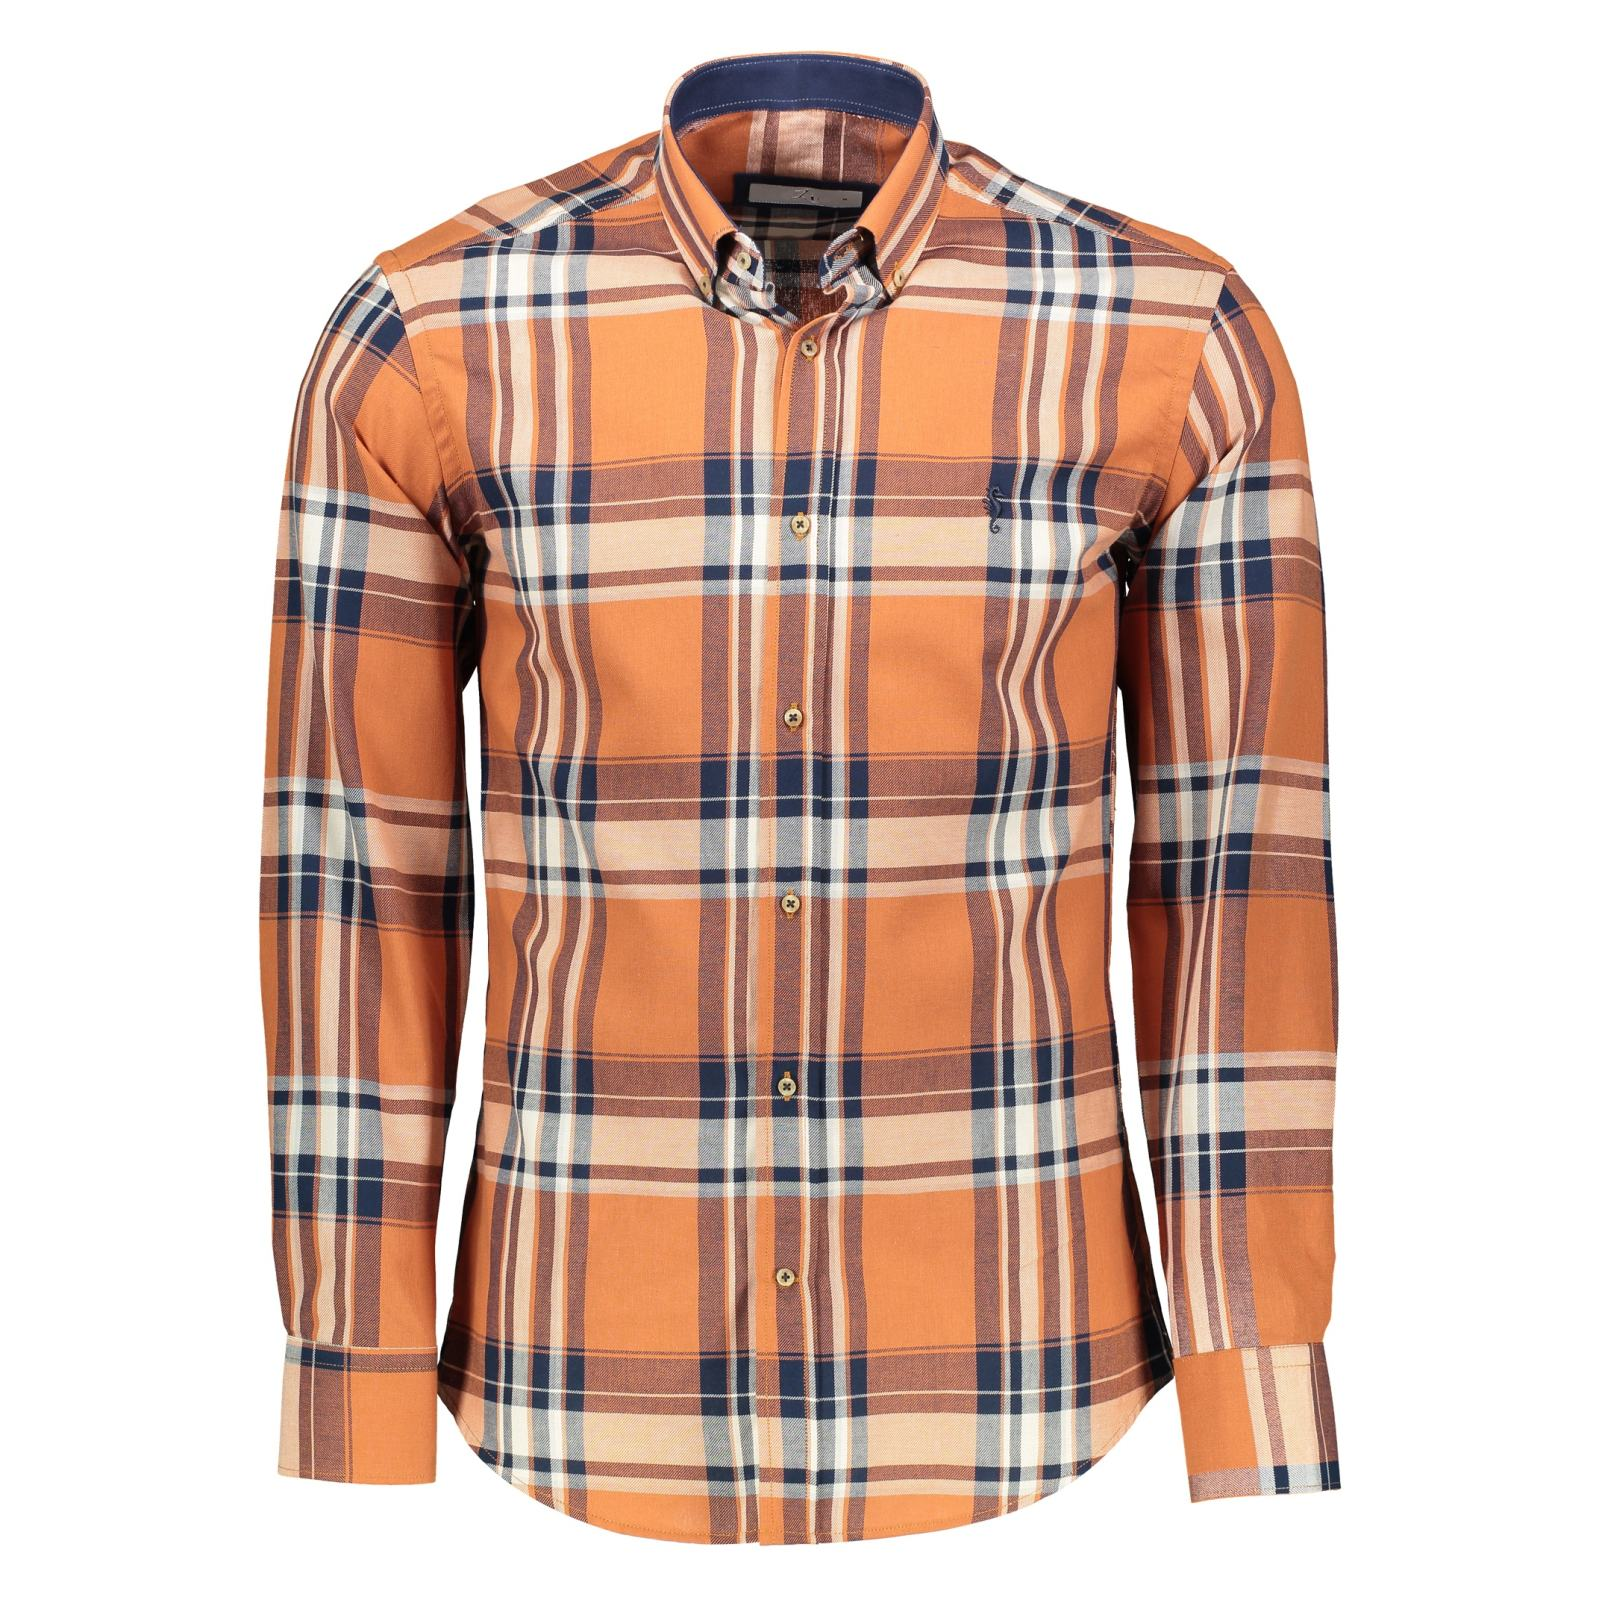 پیراهن مردانه زی مدل 153114023 main 1 1